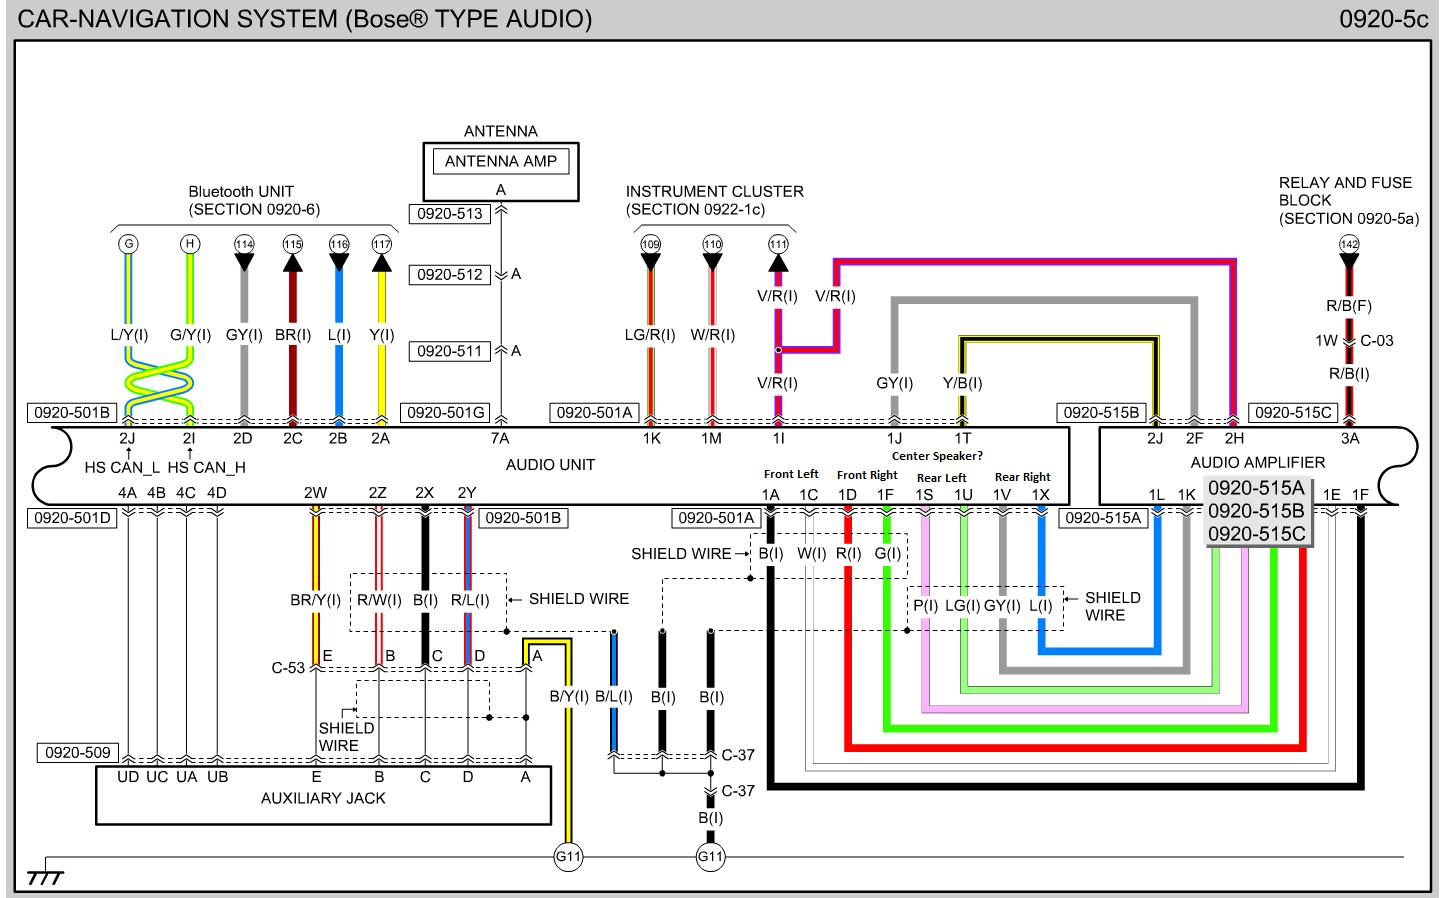 2013 2015 Mazda Cx 5 Bose Amp Wiring Imgur 16 | Hastalavista - Bose Amp Wiring Diagram